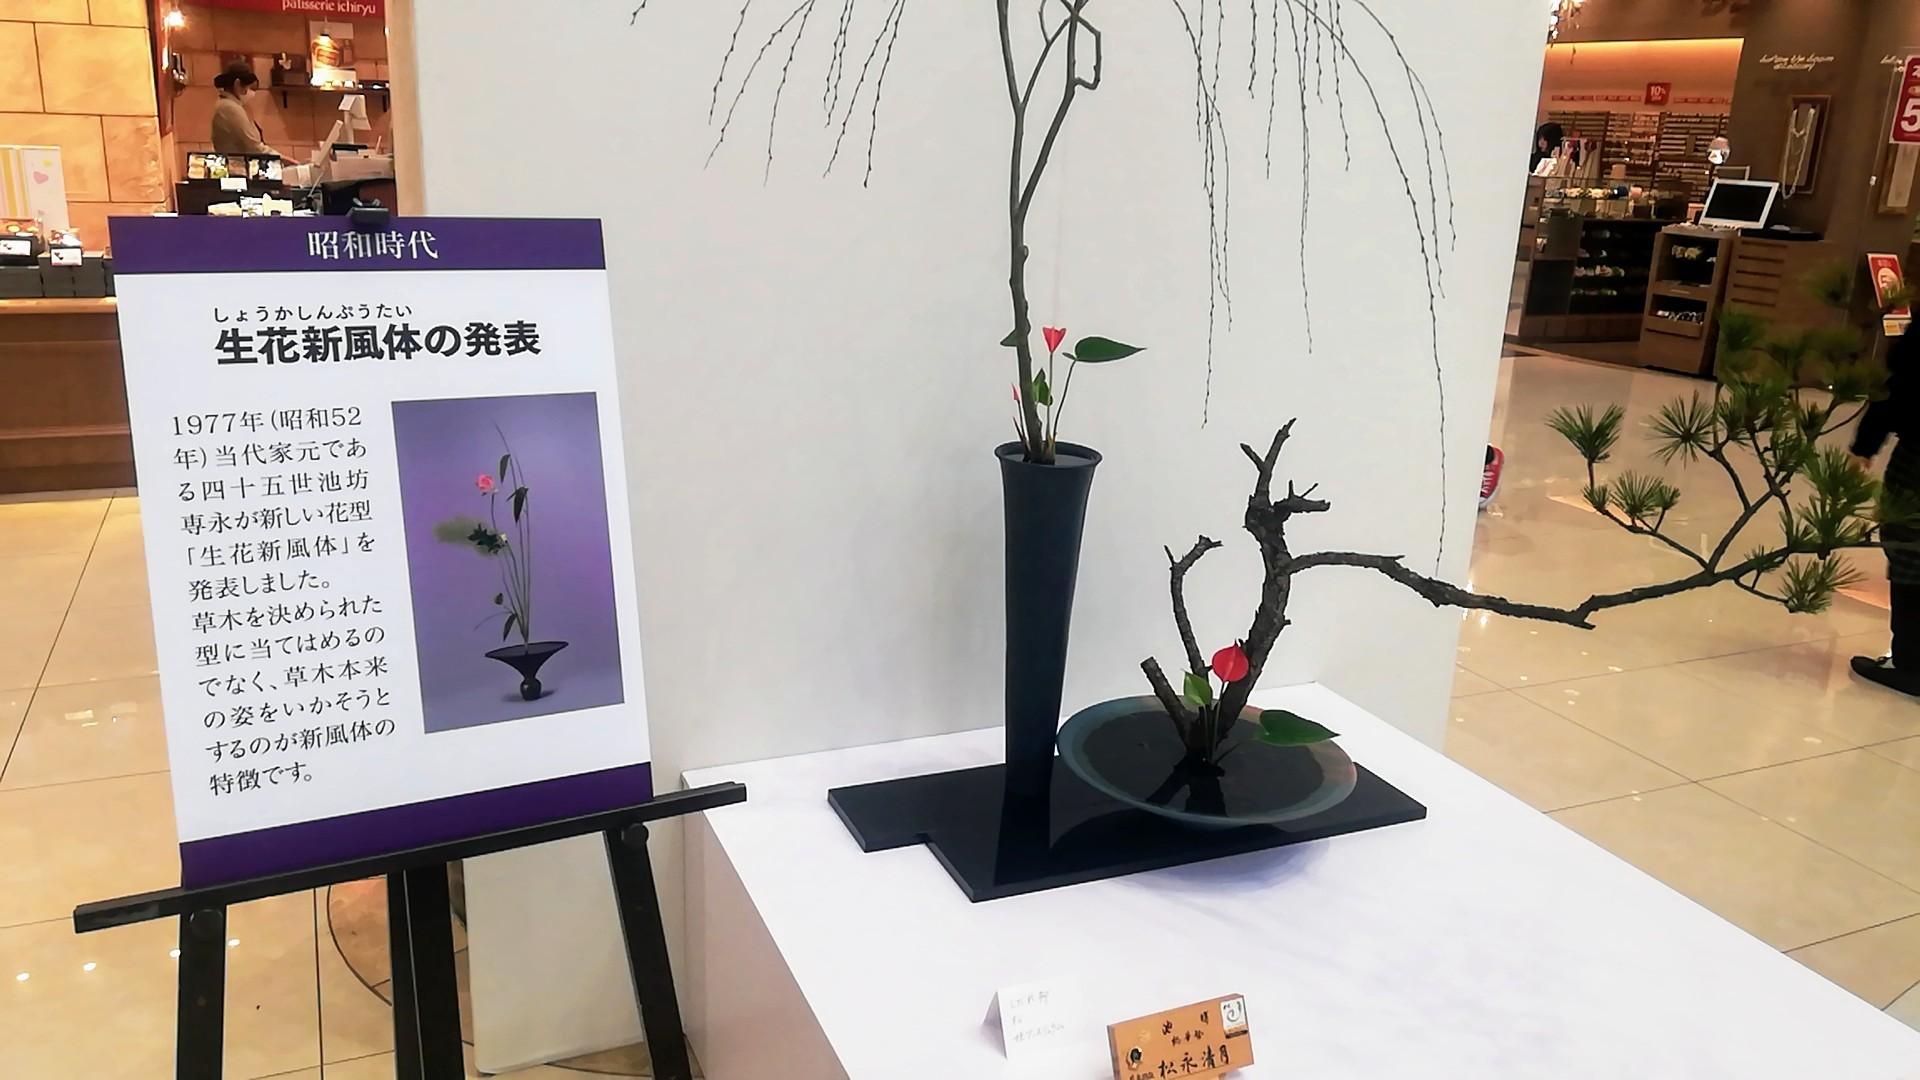 ゆめタウン佐賀開催の池坊展へ_d0195183_20130609.jpg